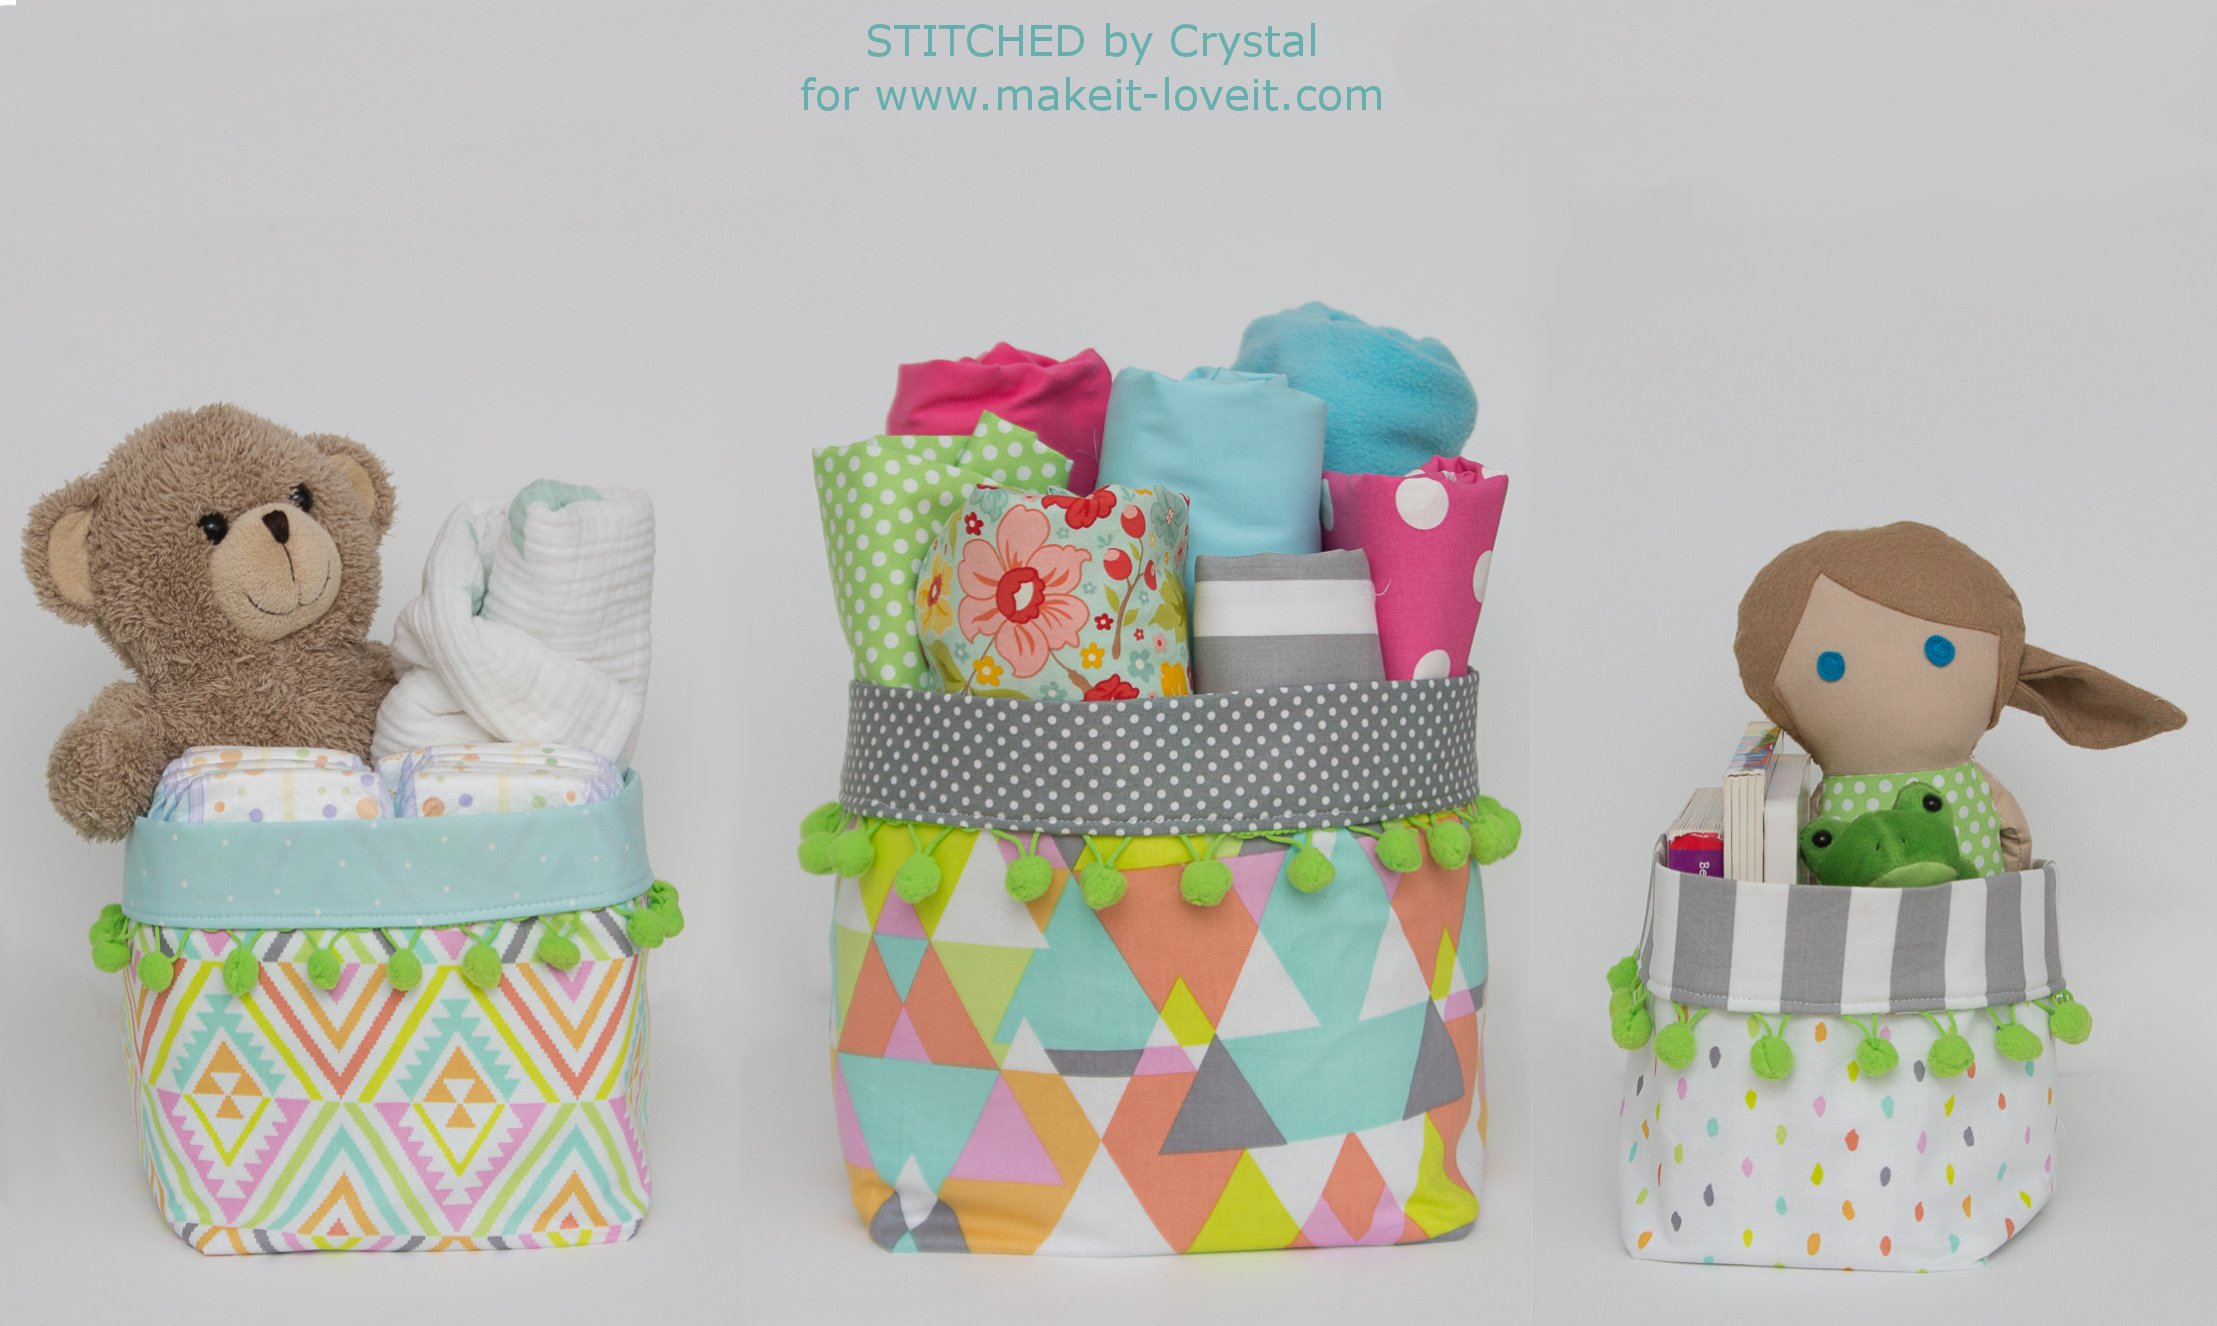 Pom Pom Trimmed Fabric Bins Tutorial...3 different sizes! | via makeit-loveit.com